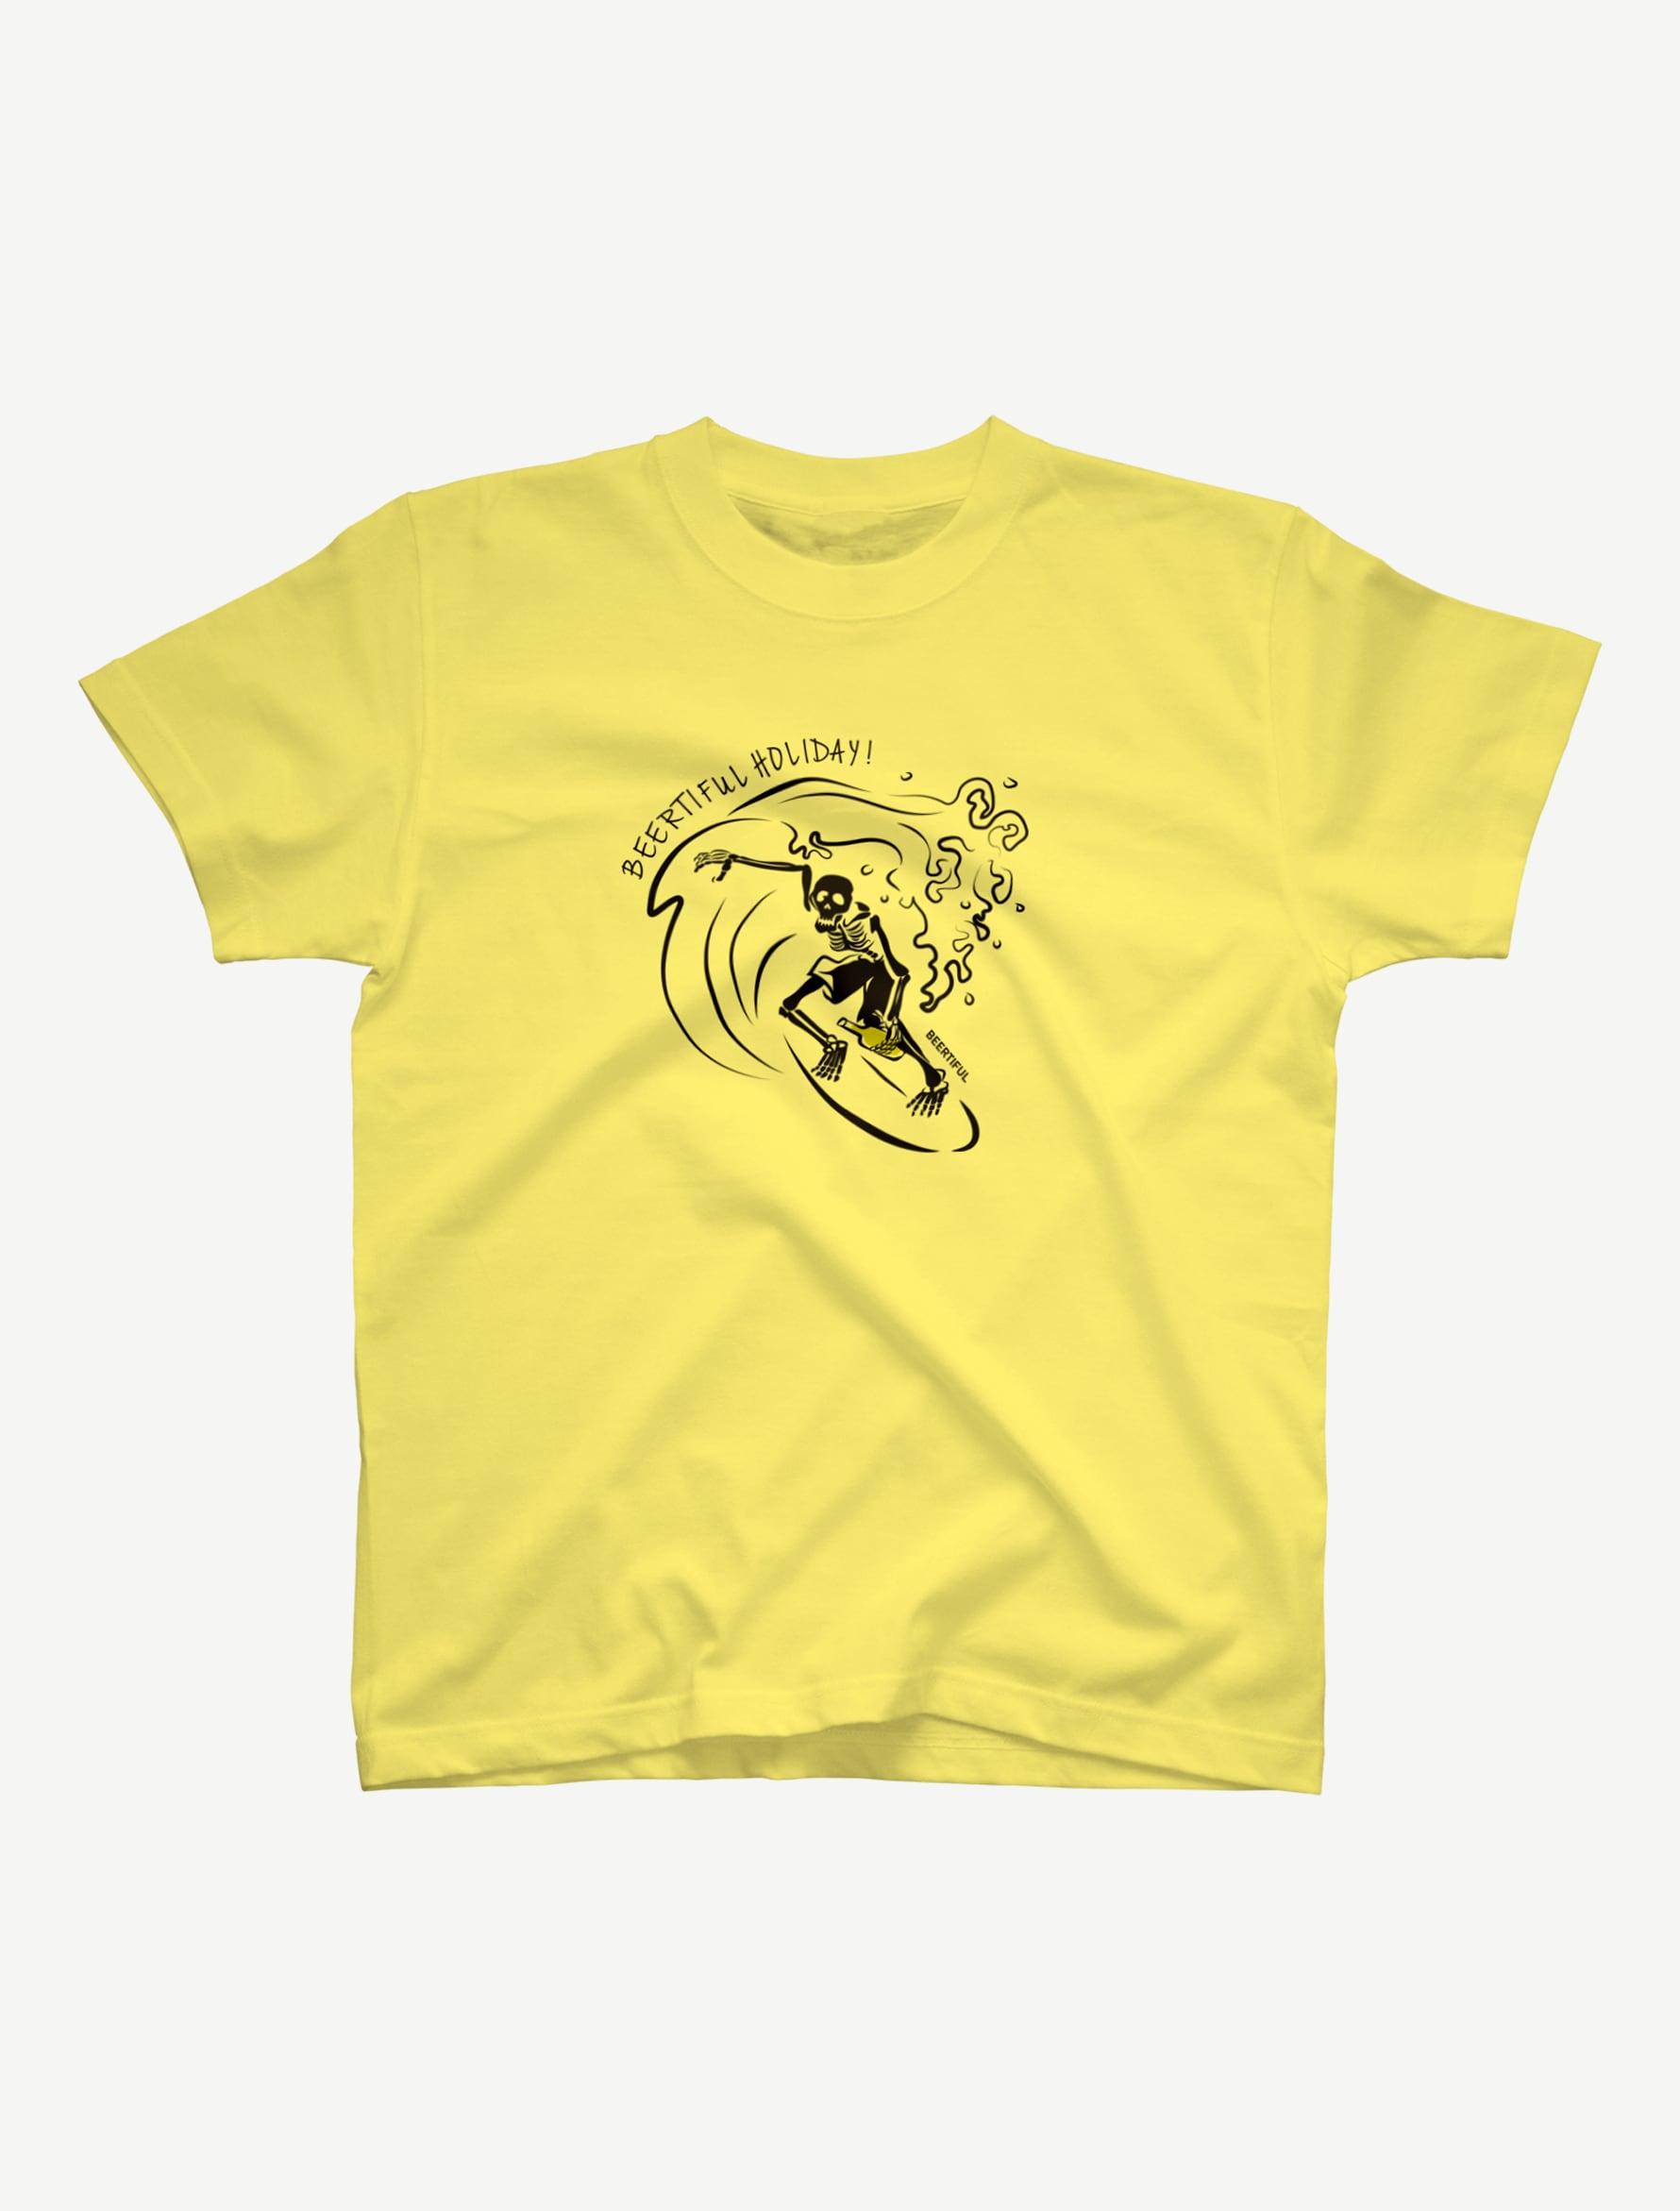 【サーフィンガイコツ】Tシャツ(ライトイエロー)